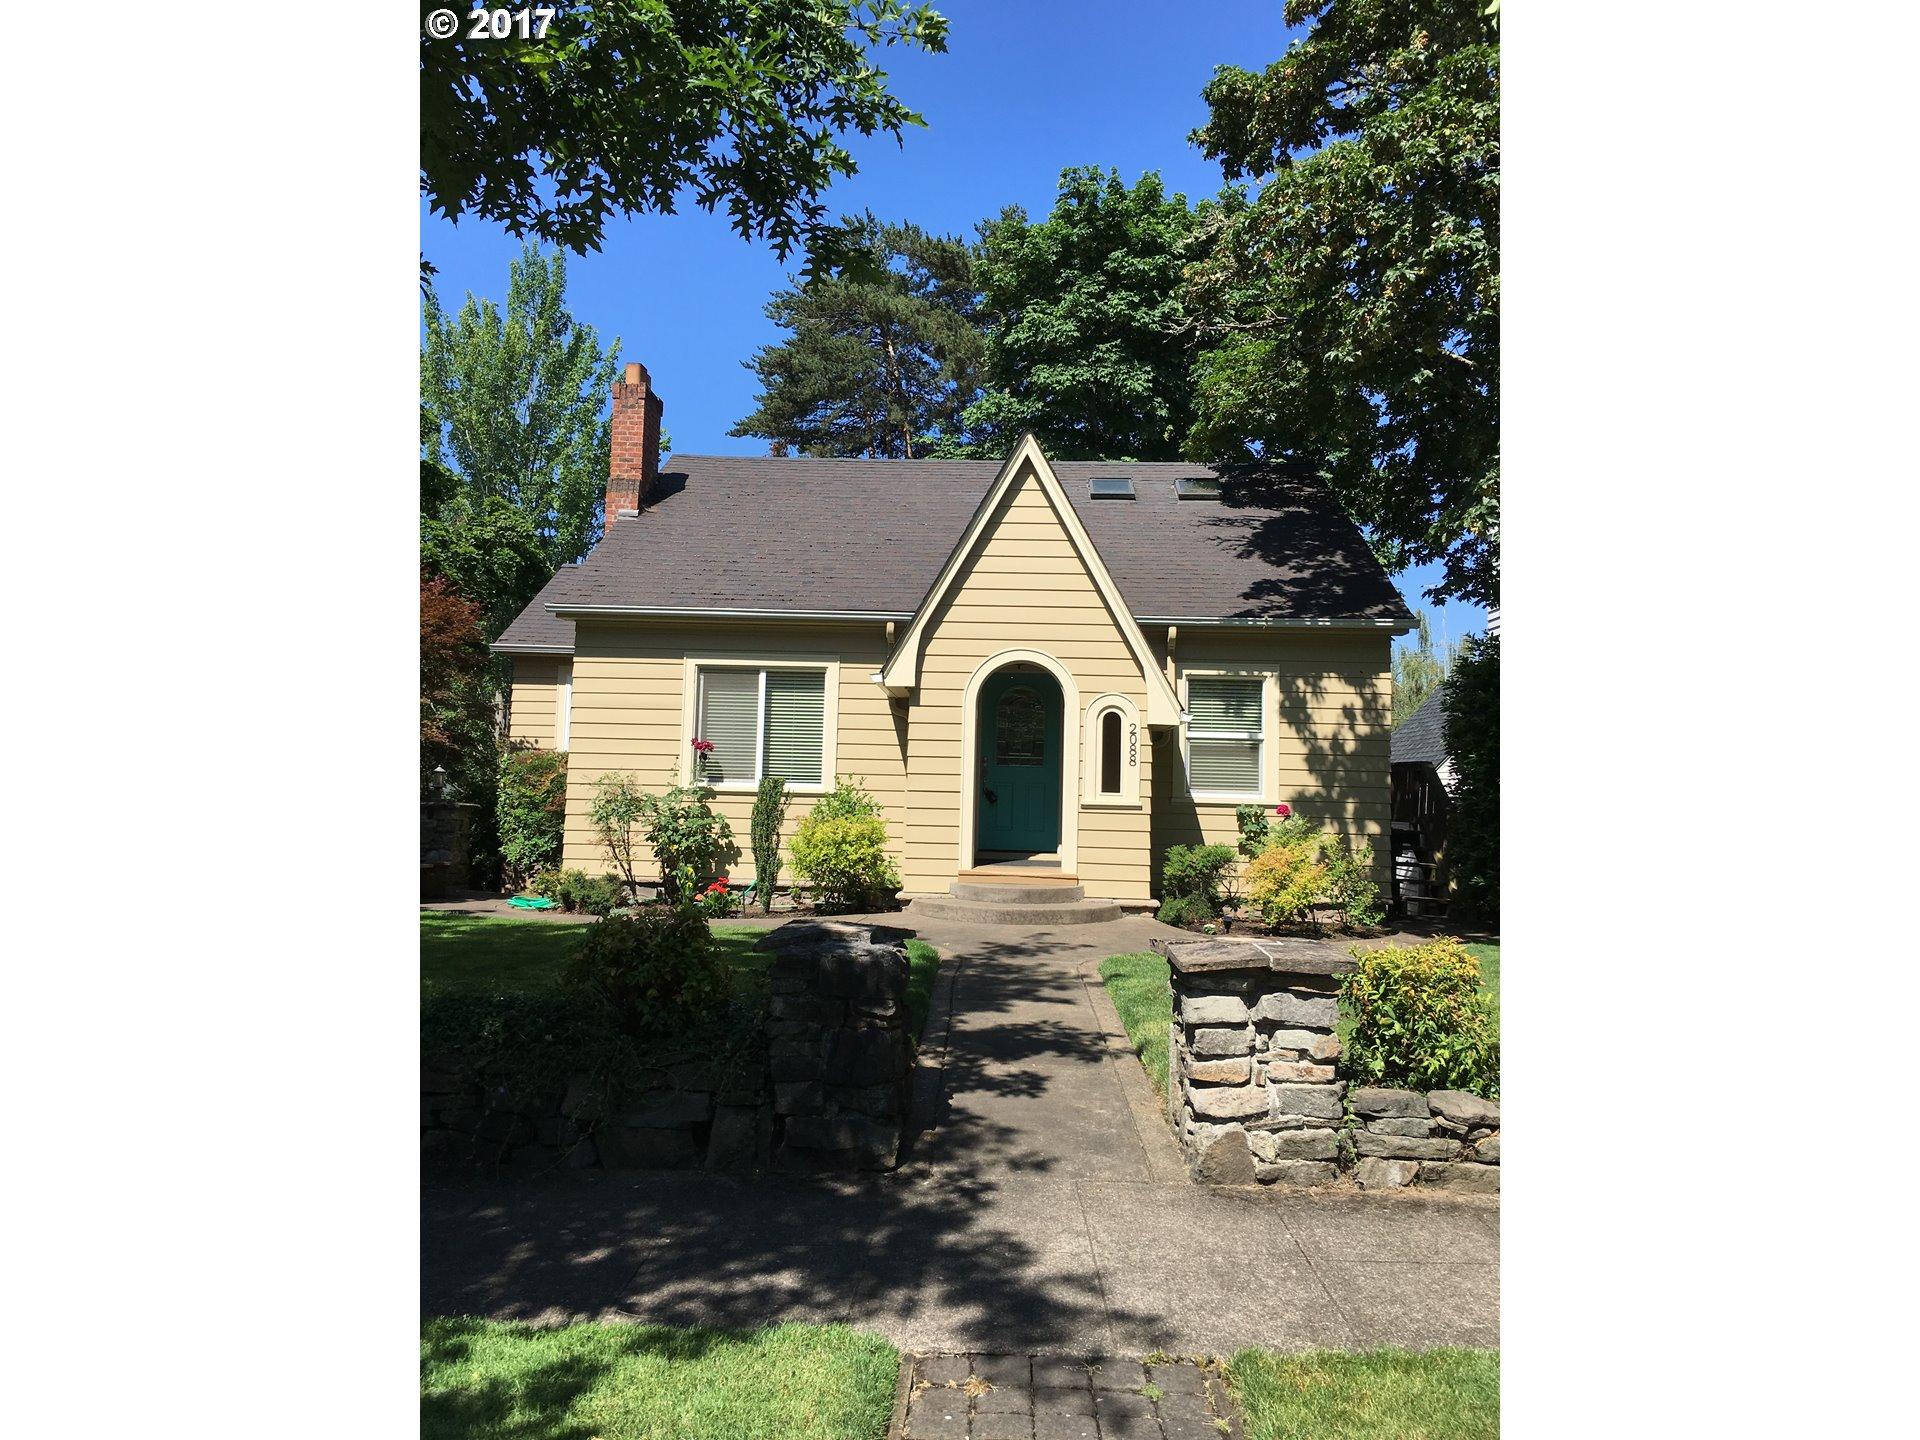 2088 HARRIS ST Eugene, OR 97405 - MLS #: 17505167